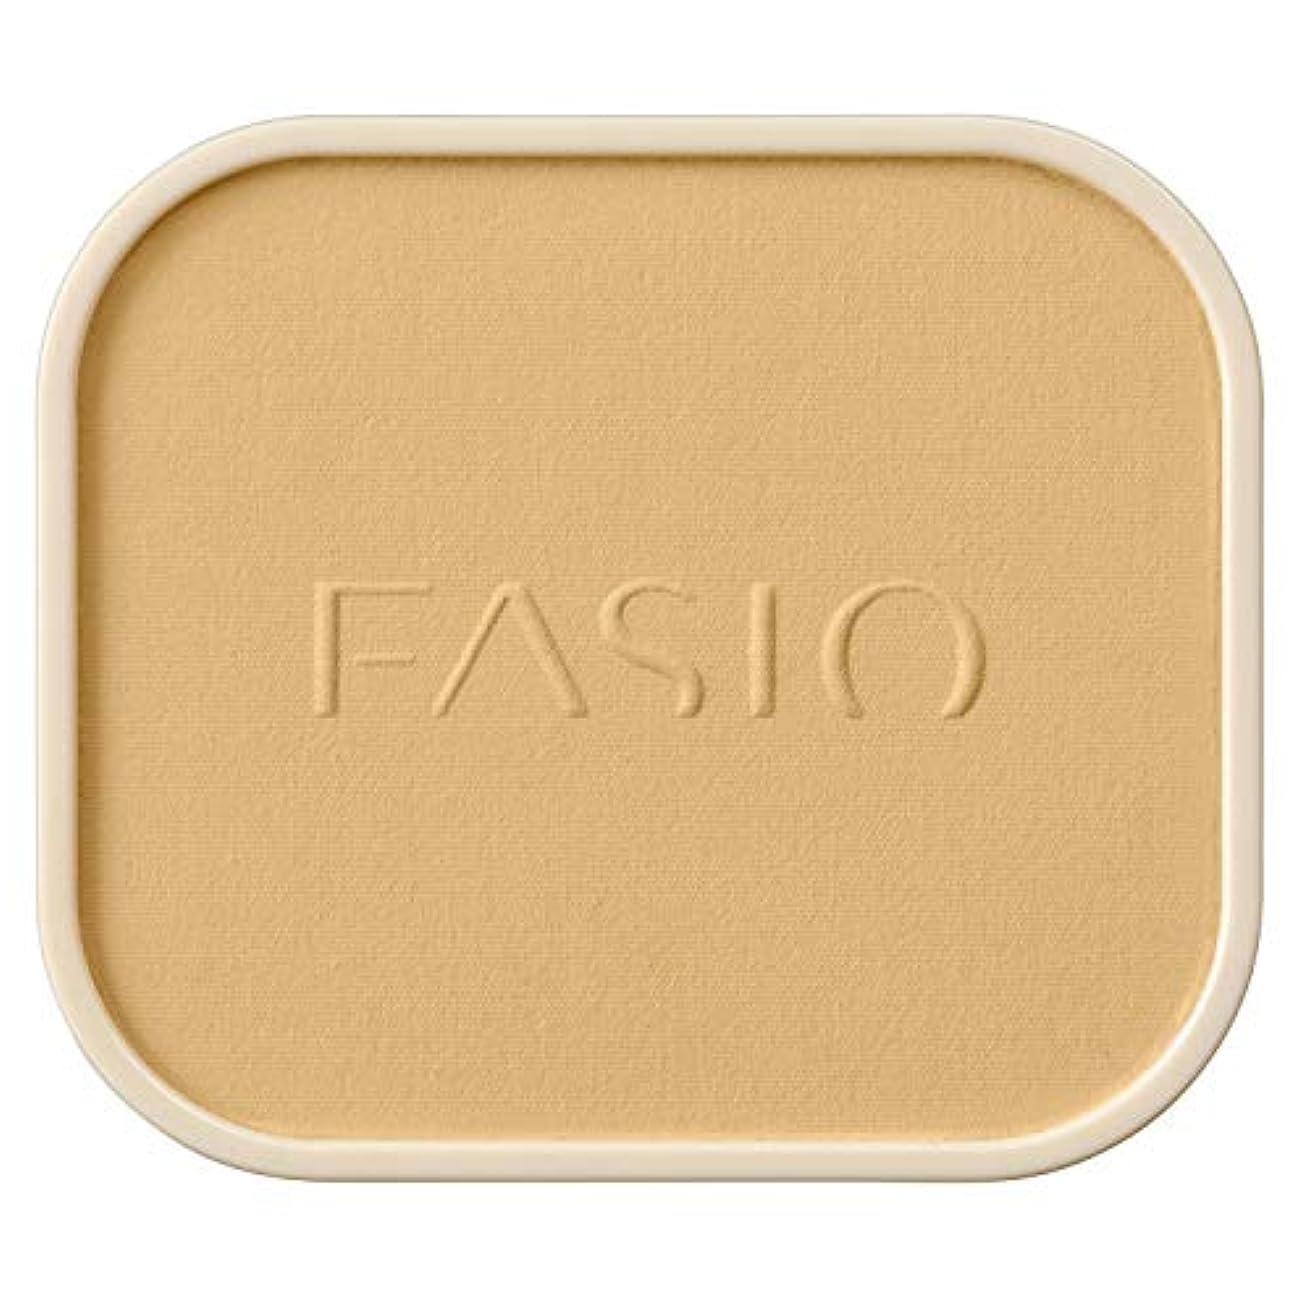 経度膨らみ移動するファシオ ラスティング ファンデーション WP ベージュオークル 310 10g